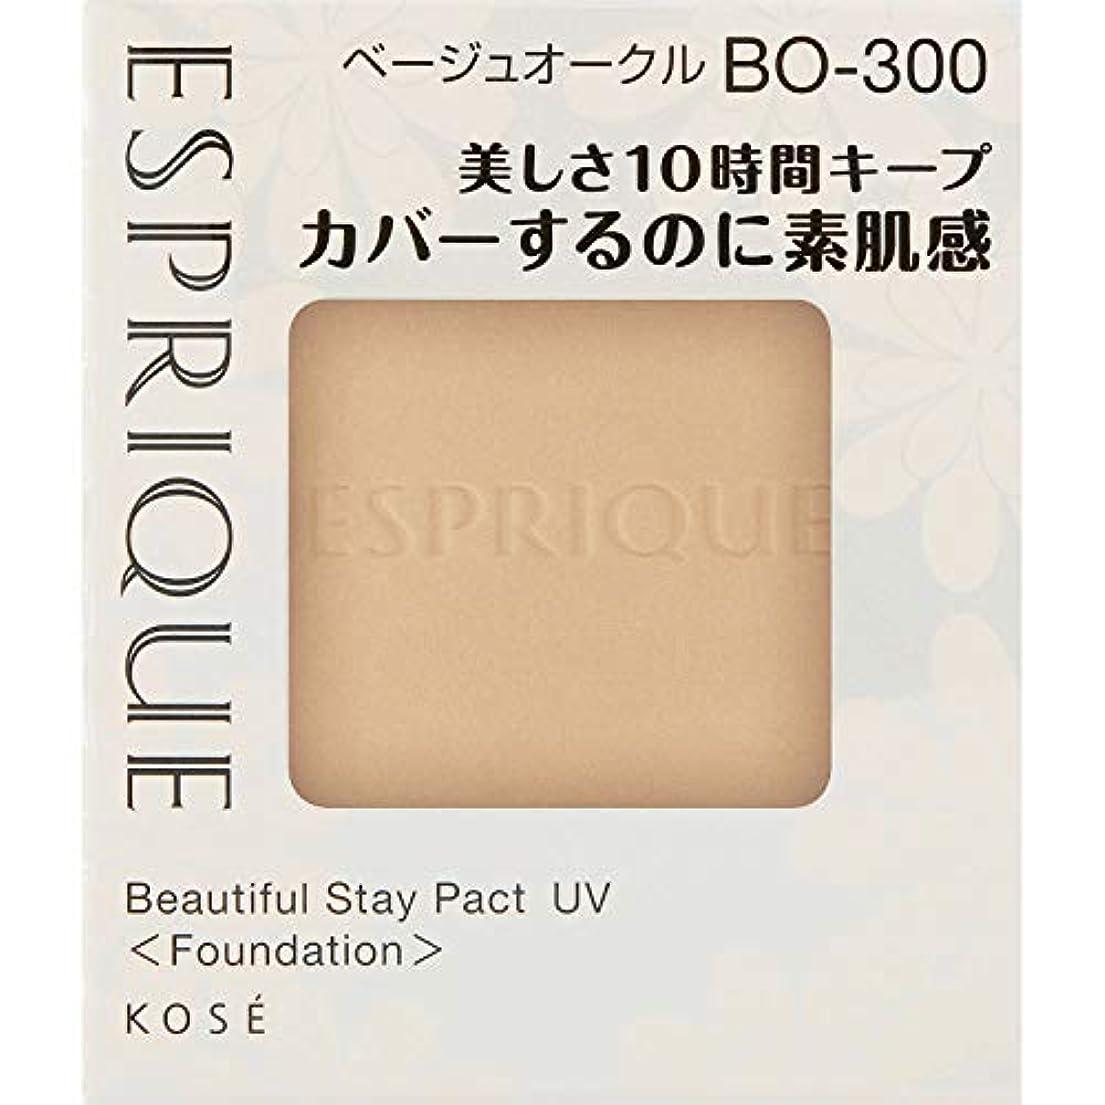 誓い偽素晴らしさエスプリーク カバーするのに素肌感持続 パクト UV BO-300 ベージュオークル 9.3g